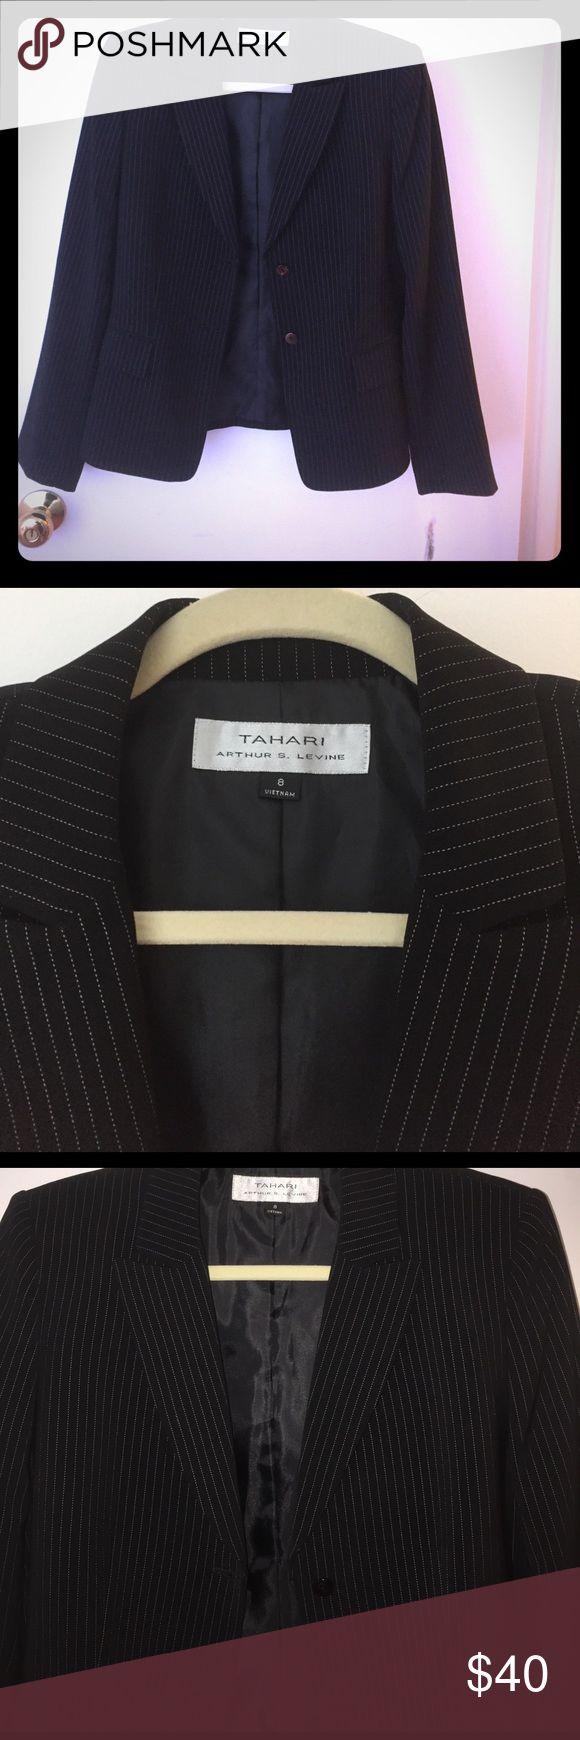 Tahari pin striped blazer Brand new with tags fitted pin stripe blazer Tahari Jackets & Coats Blazers